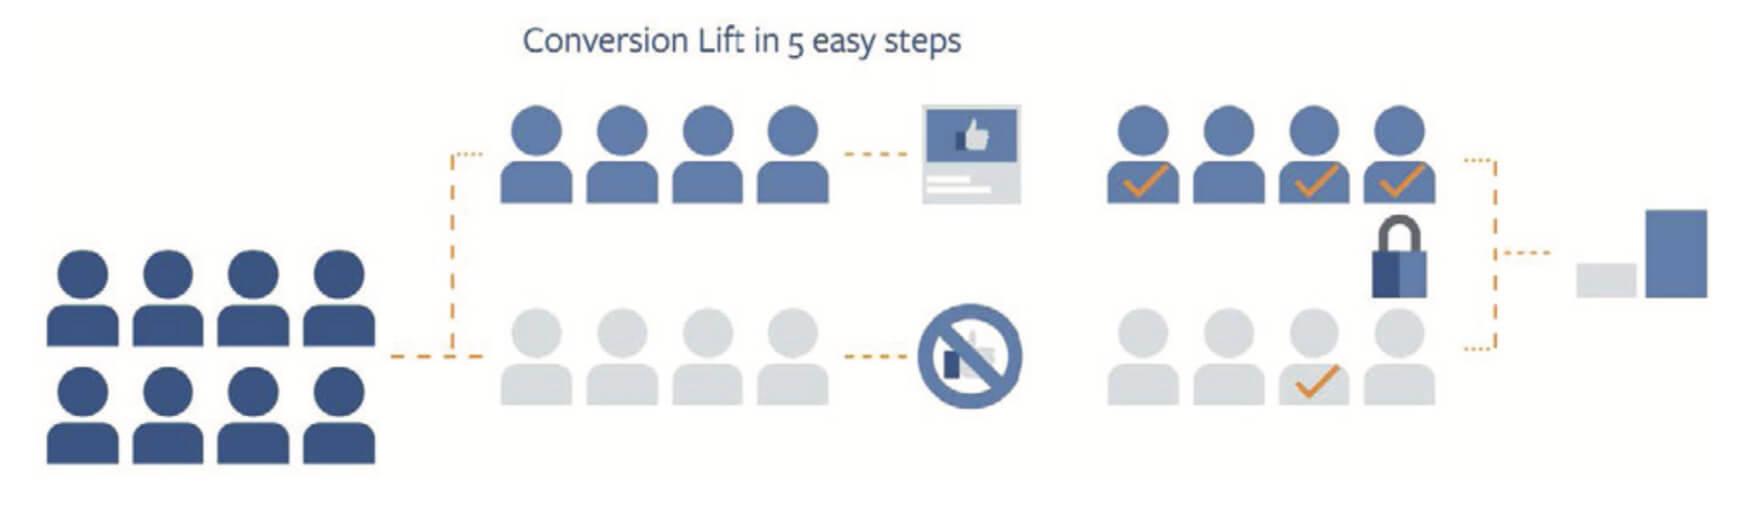 conversion lift